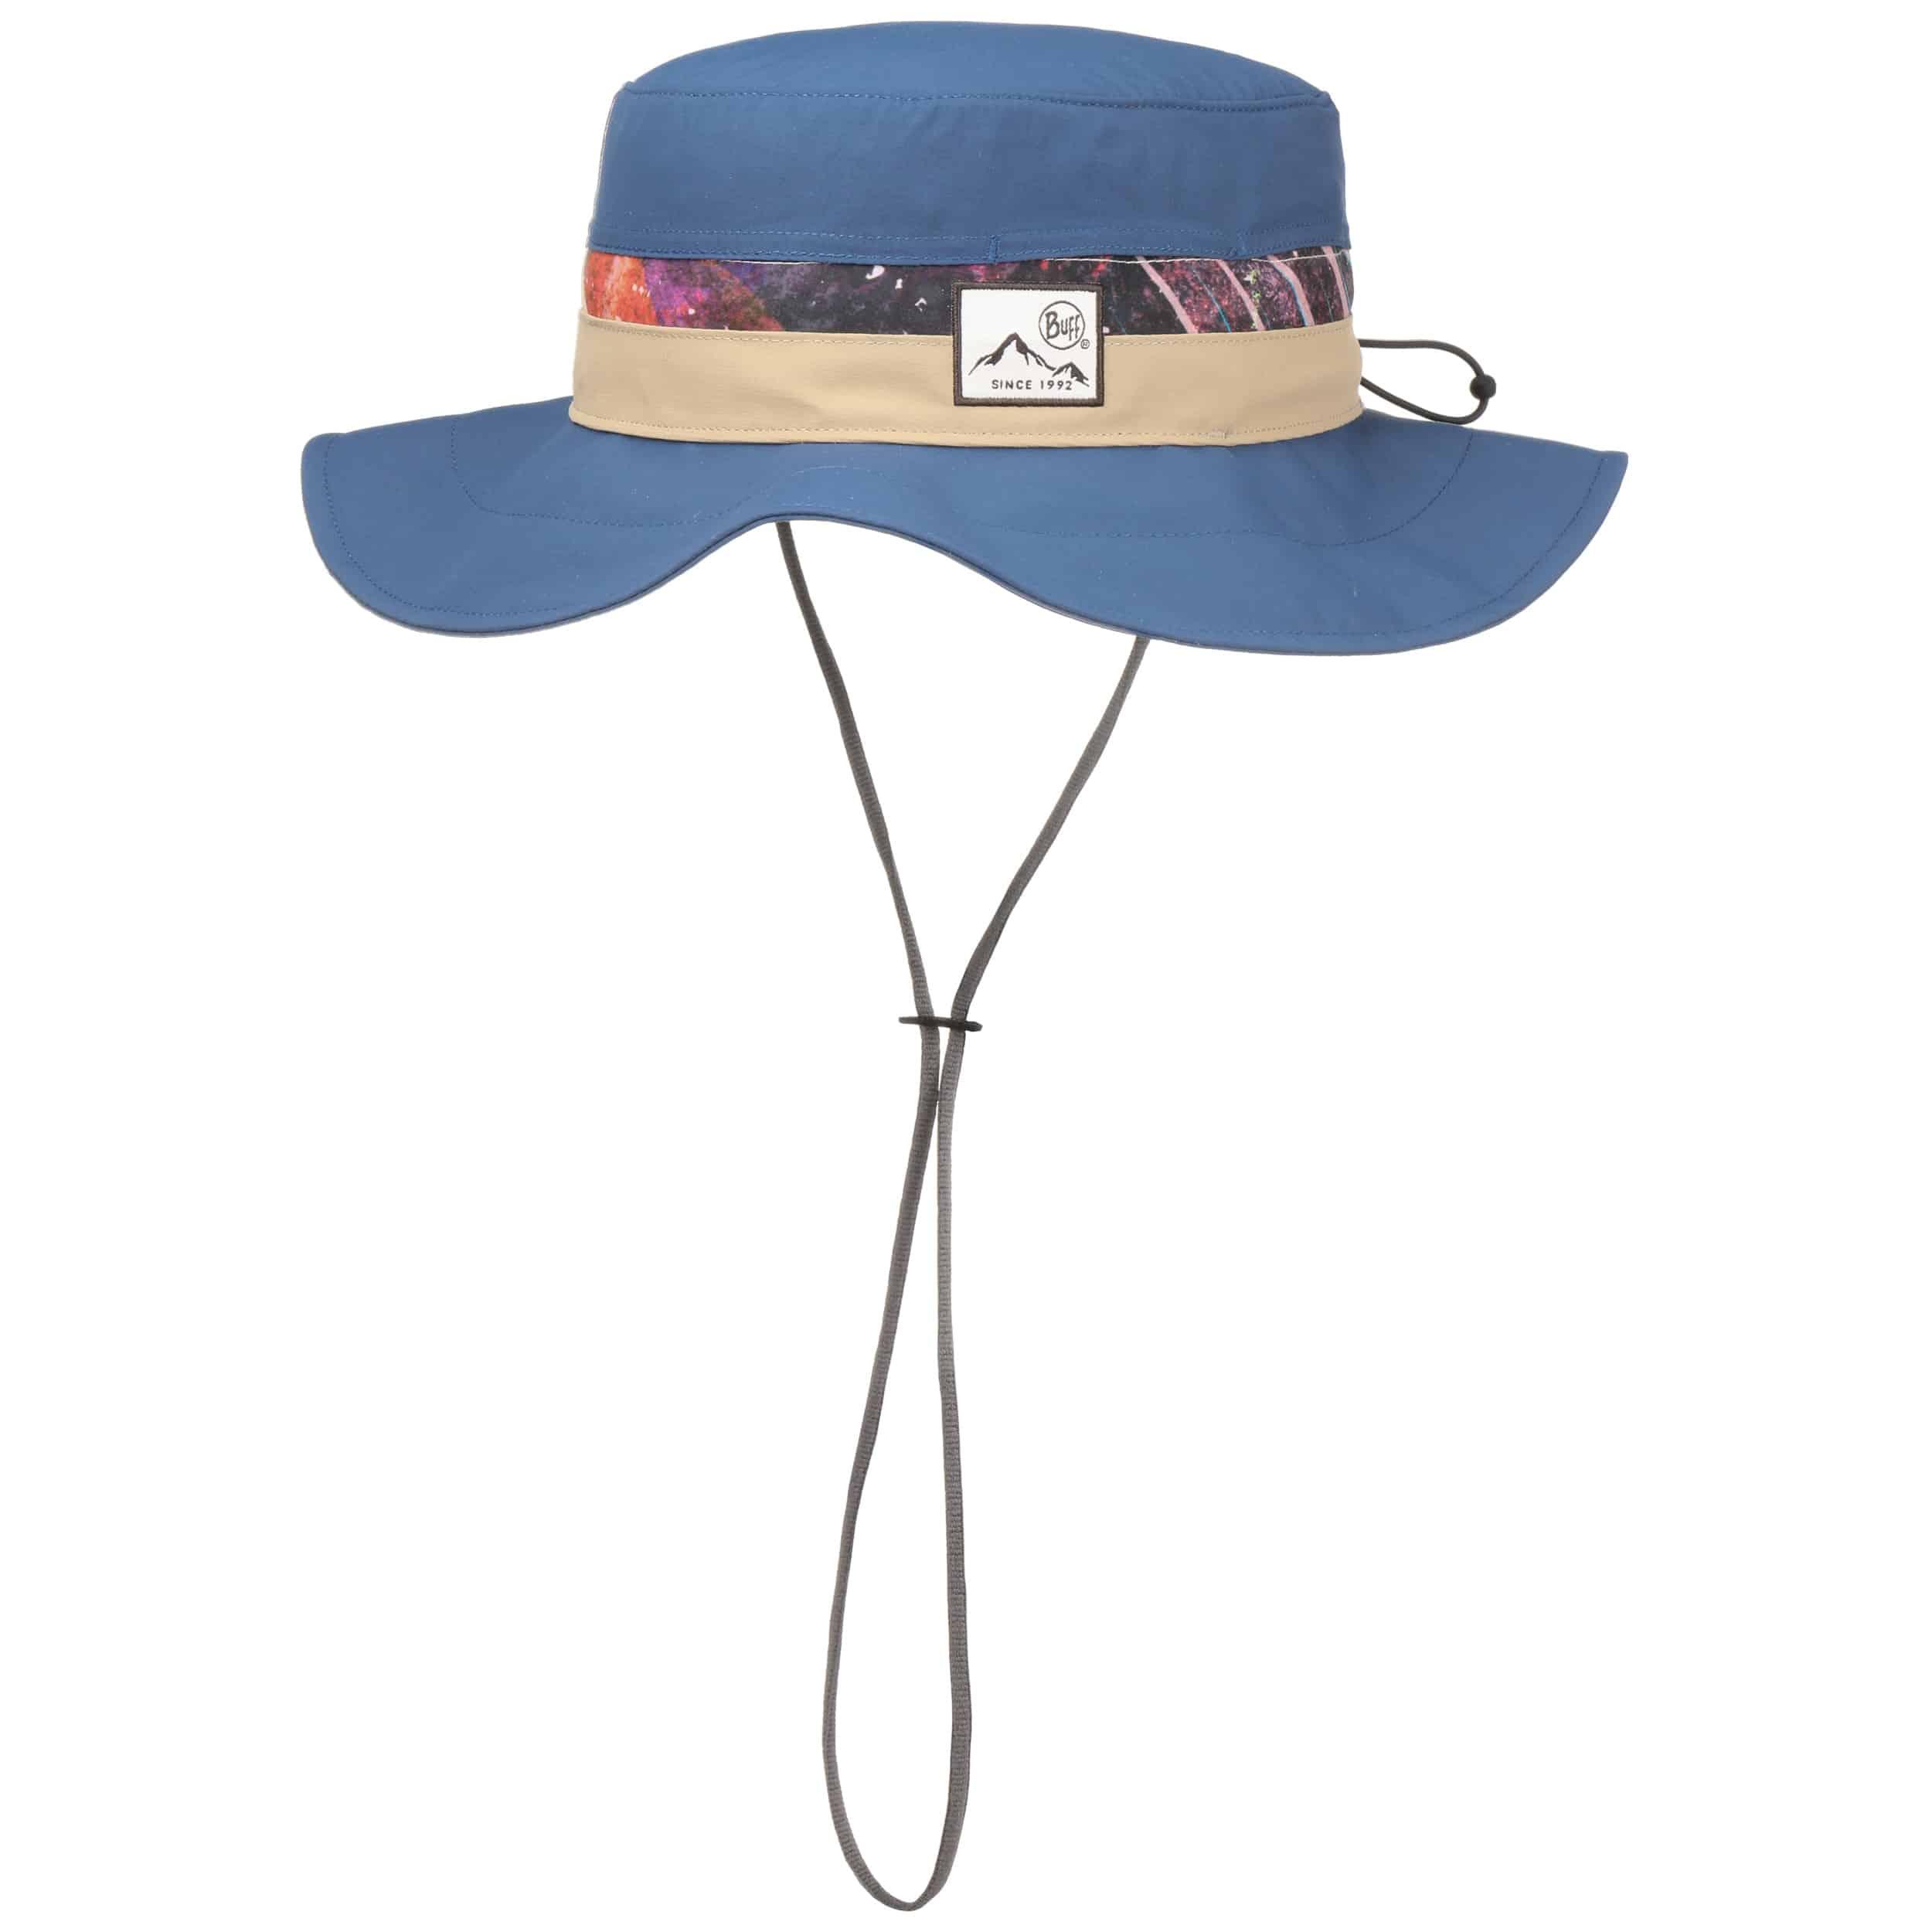 Sombrero de Tela Booney Collage by BUFF - Sombreros - sombreroshop.es